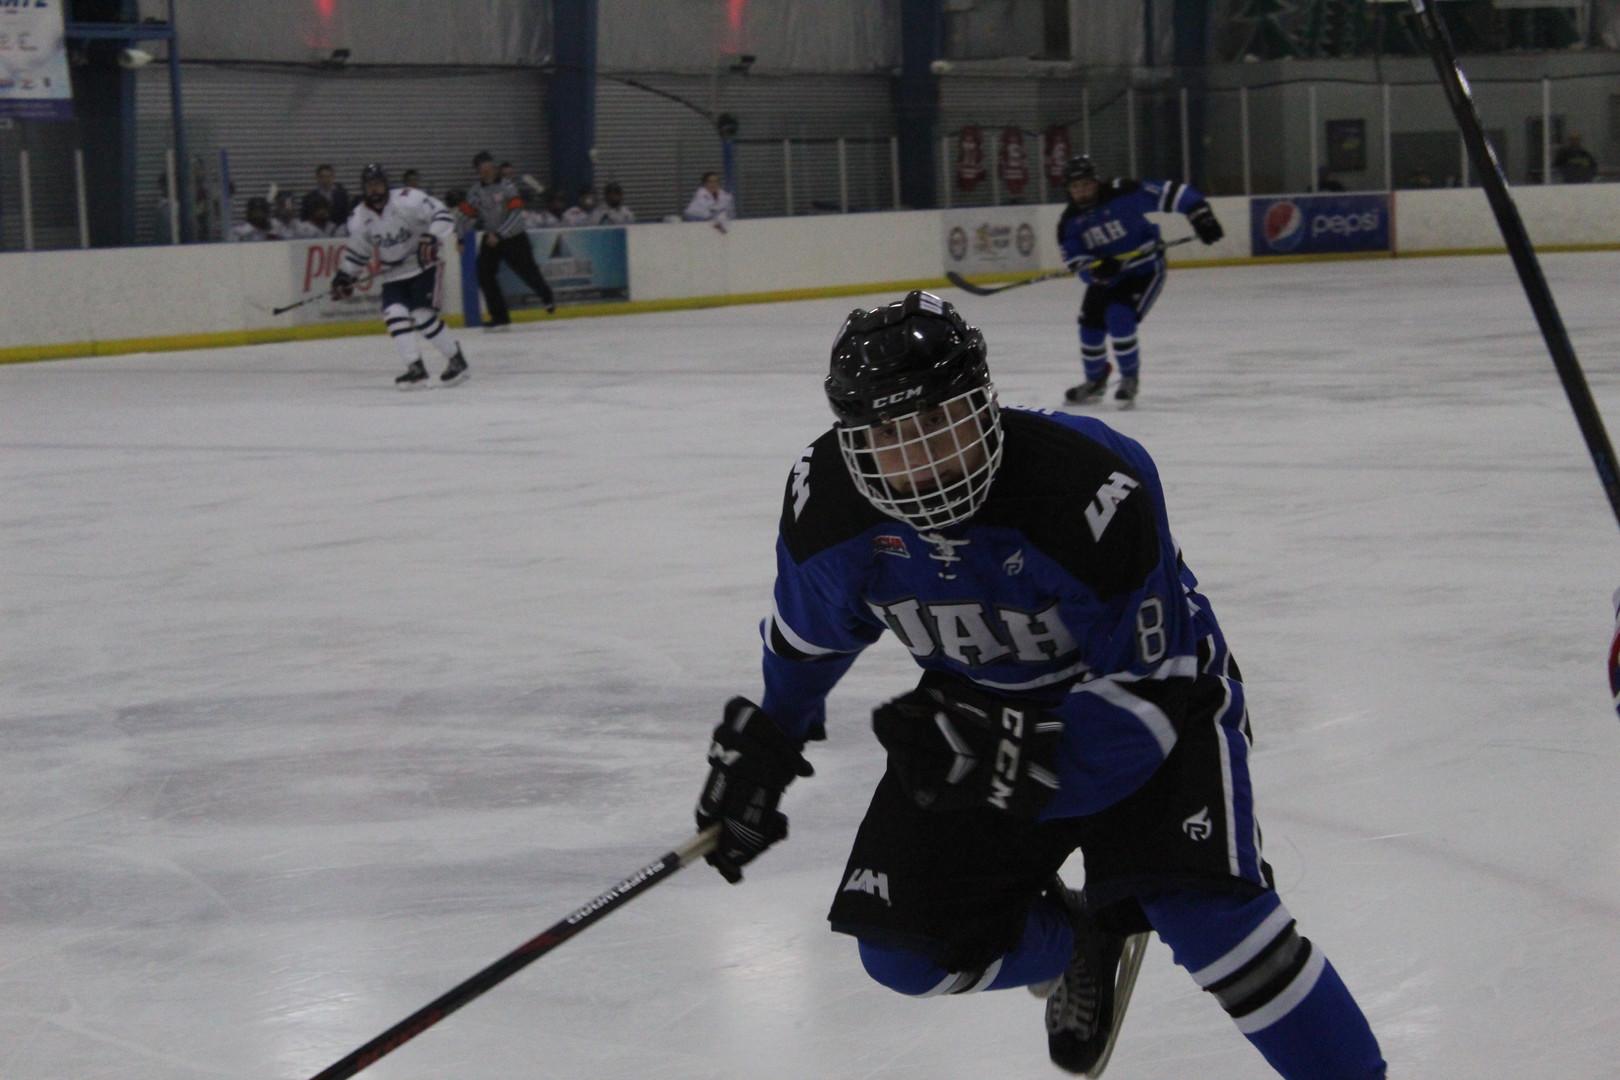 #8 Zachary Horton